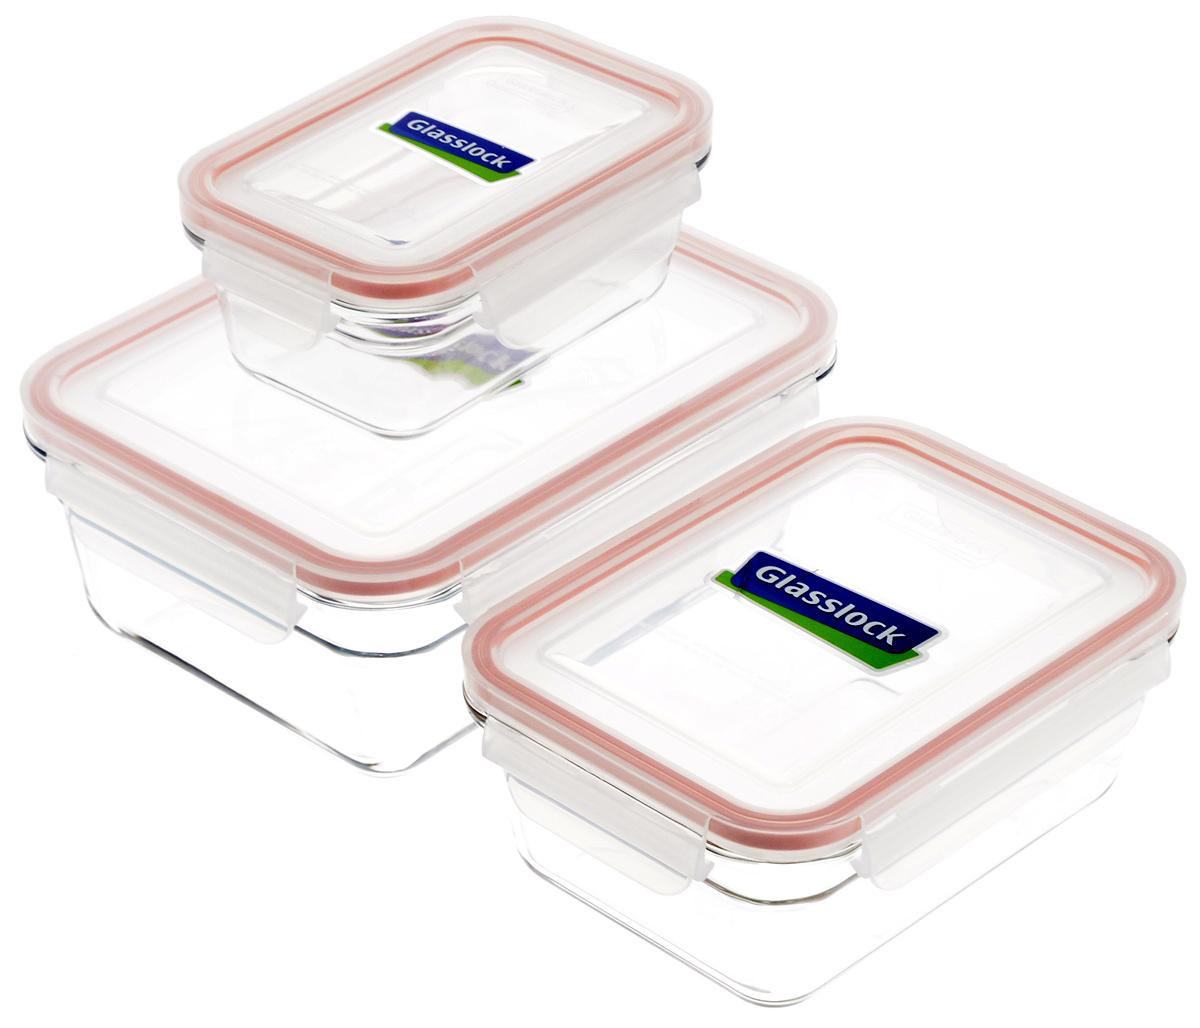 Набор контейнеров для запекания Glasslock, цвет: прозрачный, оранжевый, 3 шт. GL-529GL-529Набор Glasslock состоит из трех контейнеров разного объема. Контейнеры выполнены из высококачественного закаленного стекла и оснащены герметичными крышками с уплотнительными резинками, они надежно закрываются с помощью защелок. Изделия предназначены для приготовления пищи в микроволновой печи и духовом шкафу без пластиковой крышки (+230°С). Контейнеры прозрачные, что позволяет видеть содержимое, это очень удобно и практично. Они также подходят для хранения продуктовв холодильнике и морозильной камере. Такой набор подходит для повседневного использования. Также в нем можно приготовить салаты или запекать любимые блюда. Приятный дизайн подойдет практически для любого случая. Можно мыть в посудомоечной машине. Не использовать в духовке и микроволновой печи с крышкой.Объем: 485 мл; 970 мл; 1730 мл.Размер контейнеров (с учетом крышек): 15,5 х 10,5 х 6,5 см; 18,5 х 14 х 7,5 см; 21,5 х 16,5 х 8,5 см.